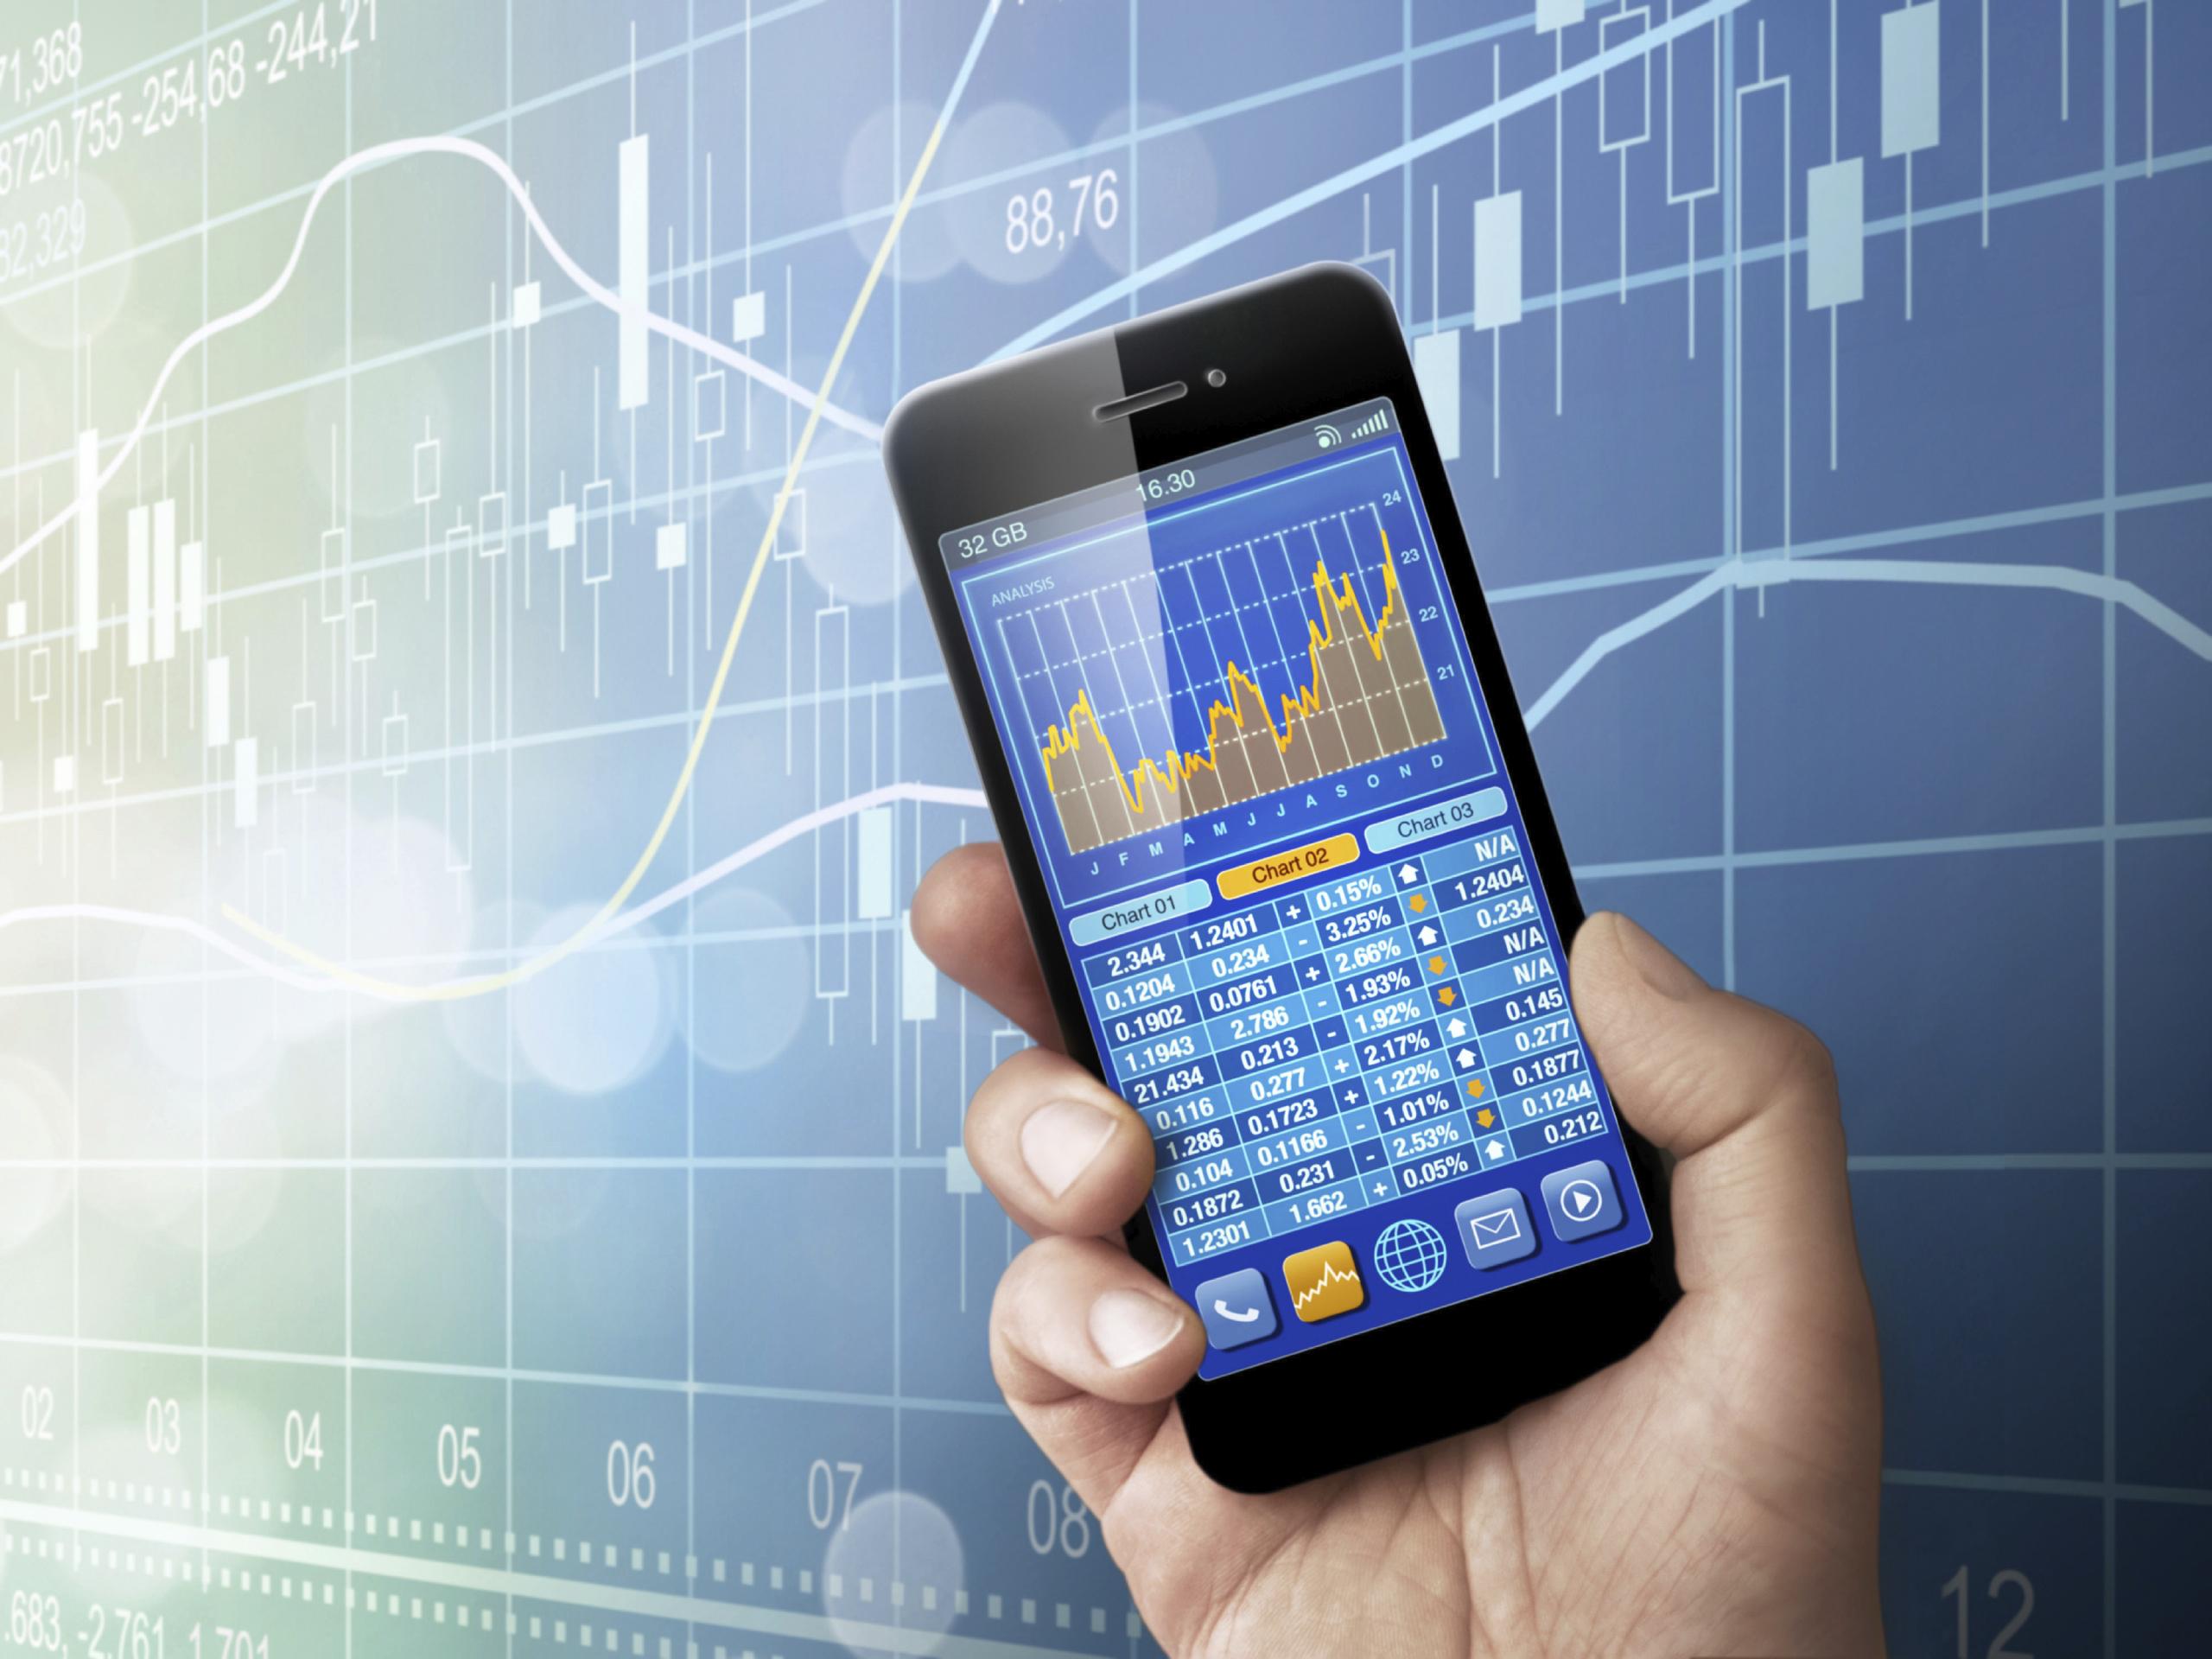 Smartphone before Businesschart